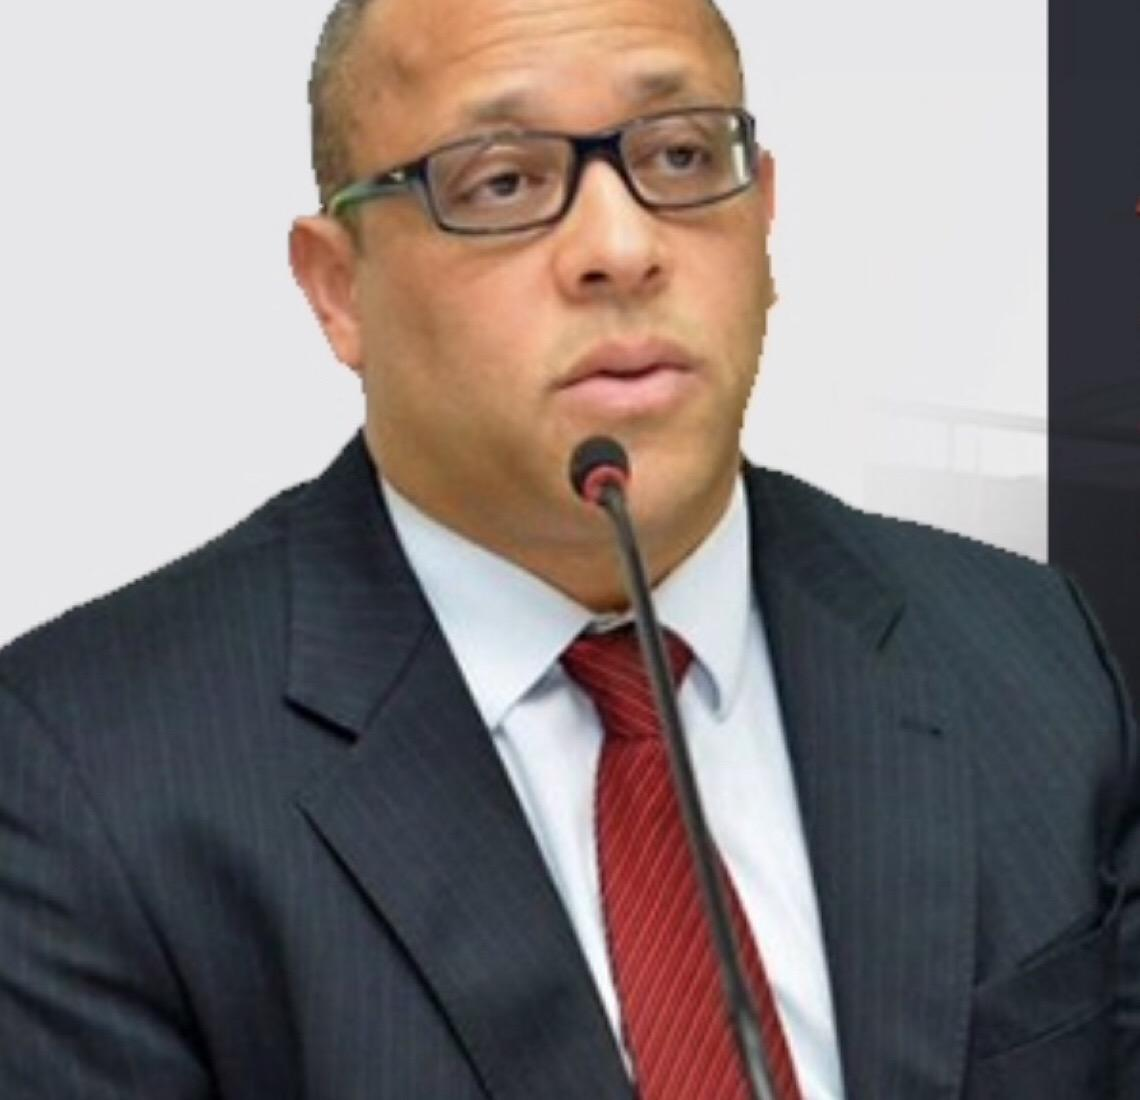 Associação nacional emite nota em defesa do Procurador-Geral Fernando Carneiro do MPCGO